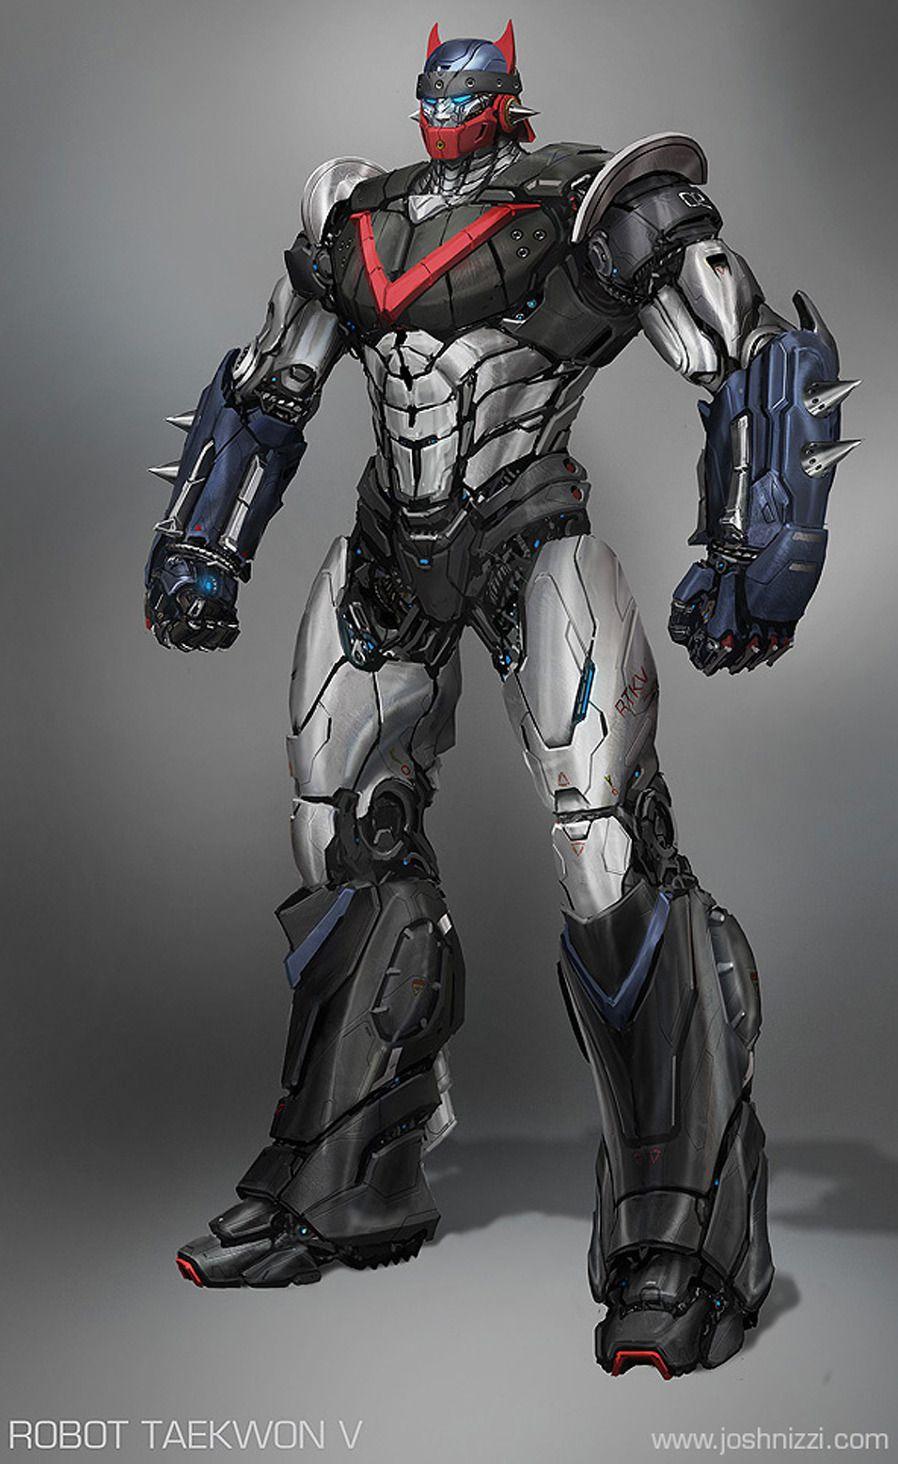 로보트 태권 브이 실사 - Google 검색   Robot concept art, Robots ...